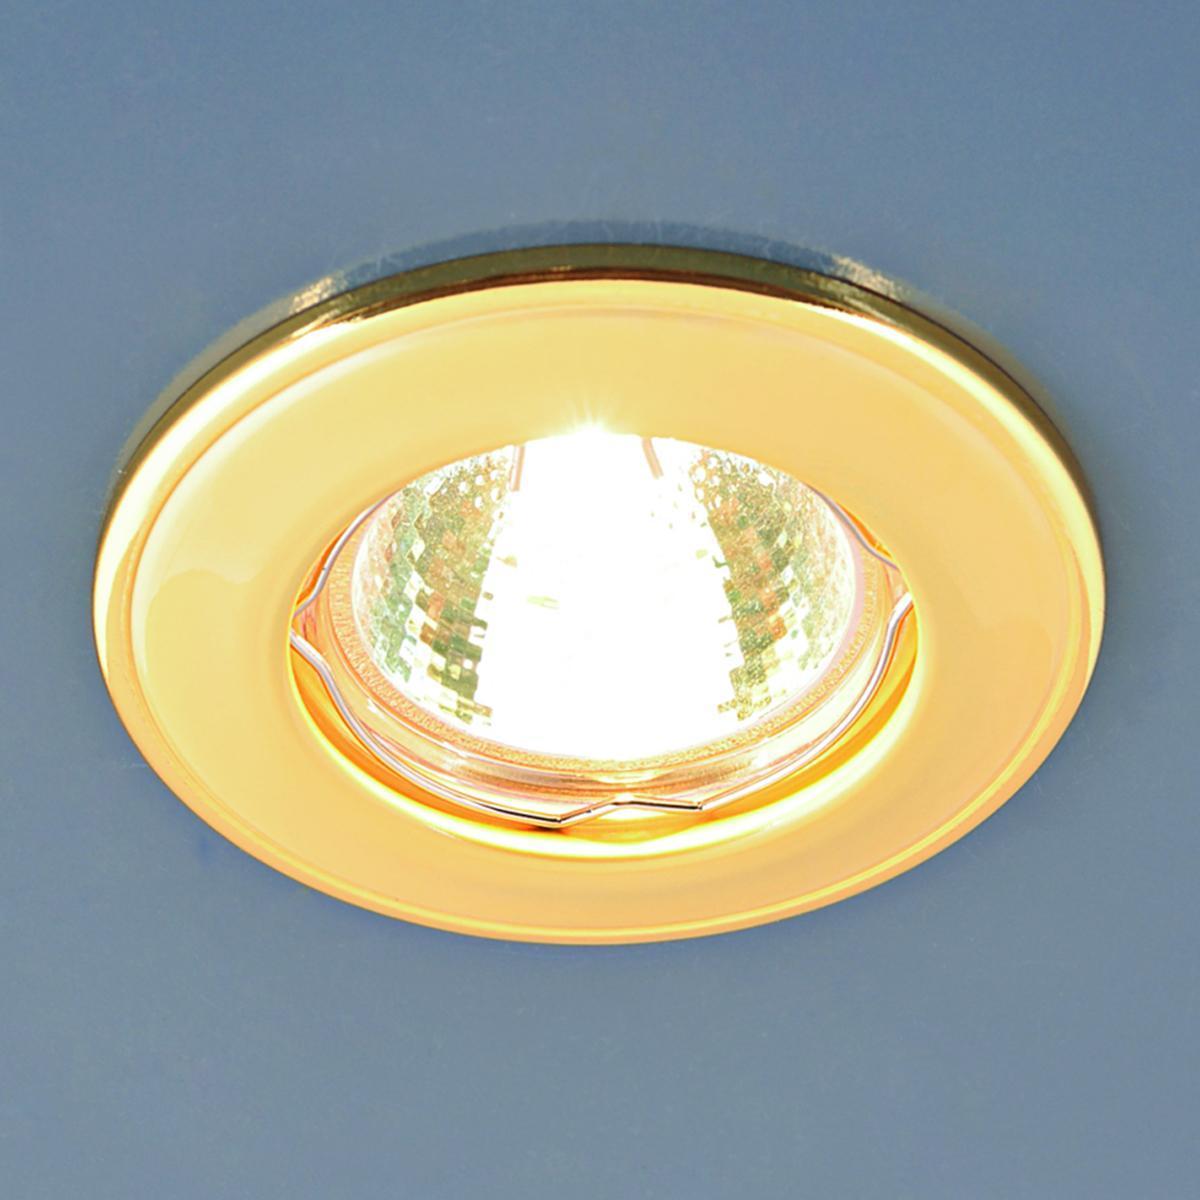 Встраиваемый светильник Elektrostandard 7002 MR16 GD матовое золото 4690389082542 светильник встраиваемый акцент 16001ba жемчужное золото золото